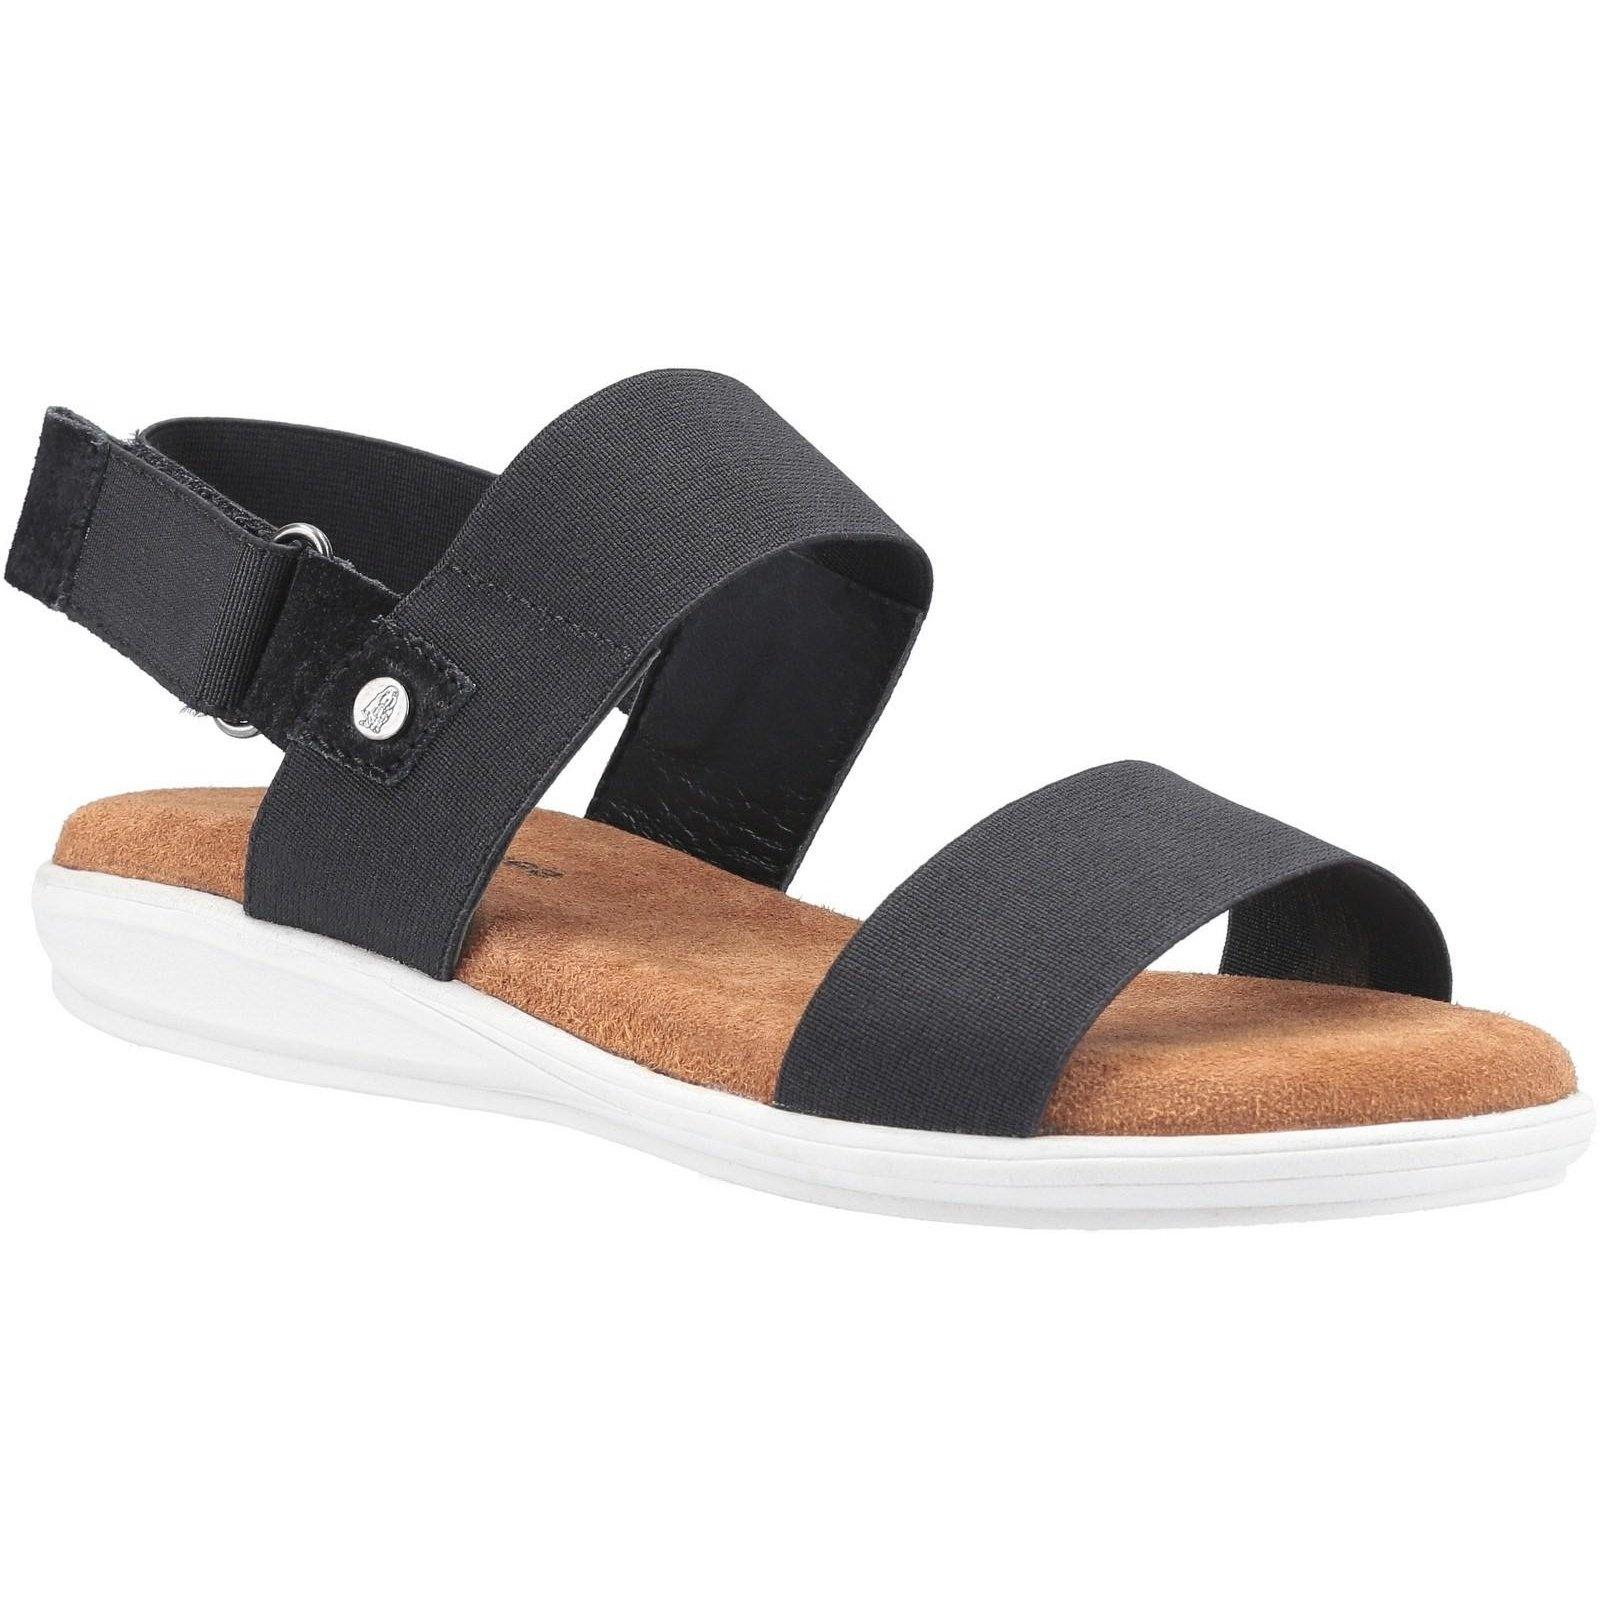 Hush Puppies sandalen »Damen Ashley Riemen Mit Klettverschluss« bestellen: 30 dagen bedenktijd